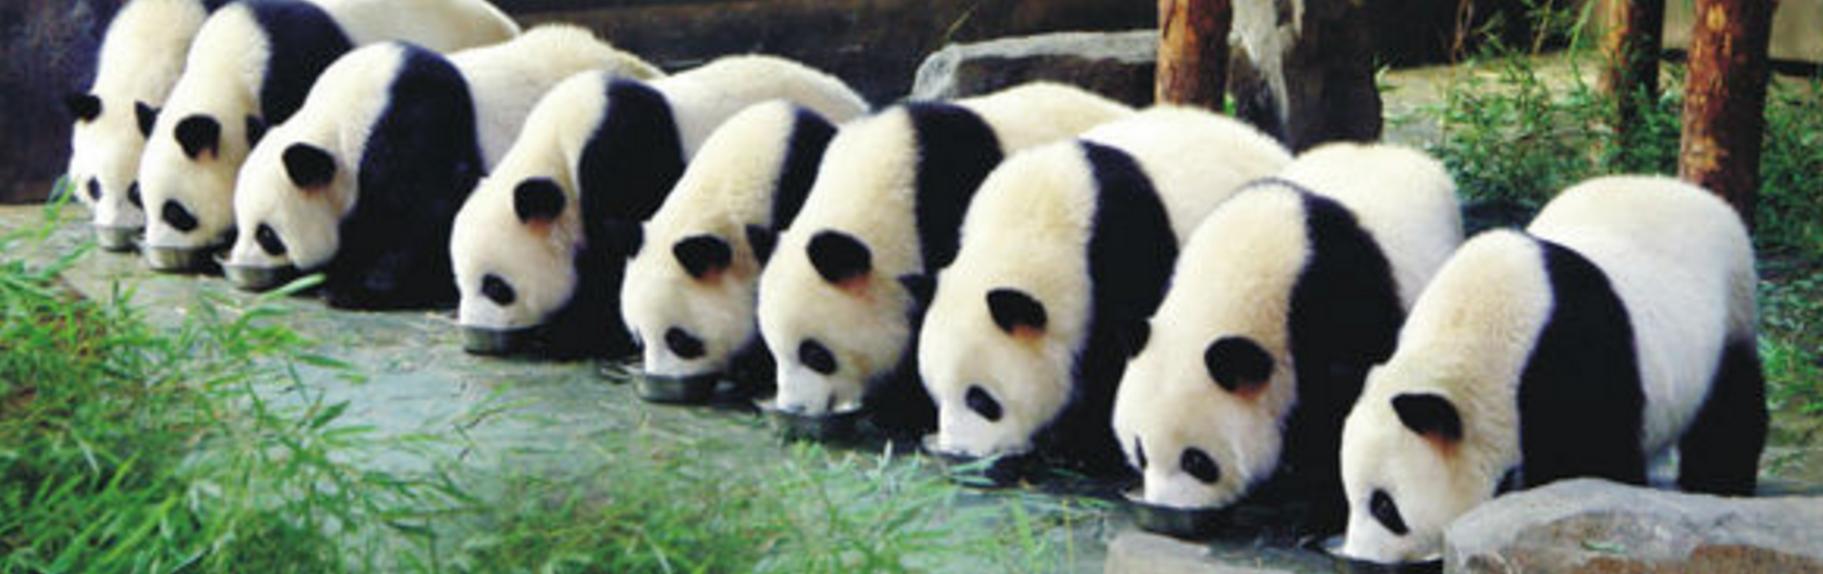 """曾经上野园的微博封面图就是9只熊猫一起吃东西。 ——1问—— 帼帼母女去世后 上野到底还有多少只熊猫? 1月22日,记者在上海野生动物园熊猫馆内,只看到了3只熊猫。从馆内墙上张贴的宣传画上可以看到,该馆曾上演9只熊猫一字排开、低头吃东西的""""整齐""""一幕。不过,当记者向陶锋原求证时,得到的数据却含混不清。 封面新闻:帼帼花生母女去世后,如今馆内到底还有多少只大熊猫? 陶锋原:5只。 封面新闻:我怎么只看到了3只在展区?5只都在吗? 陶锋"""